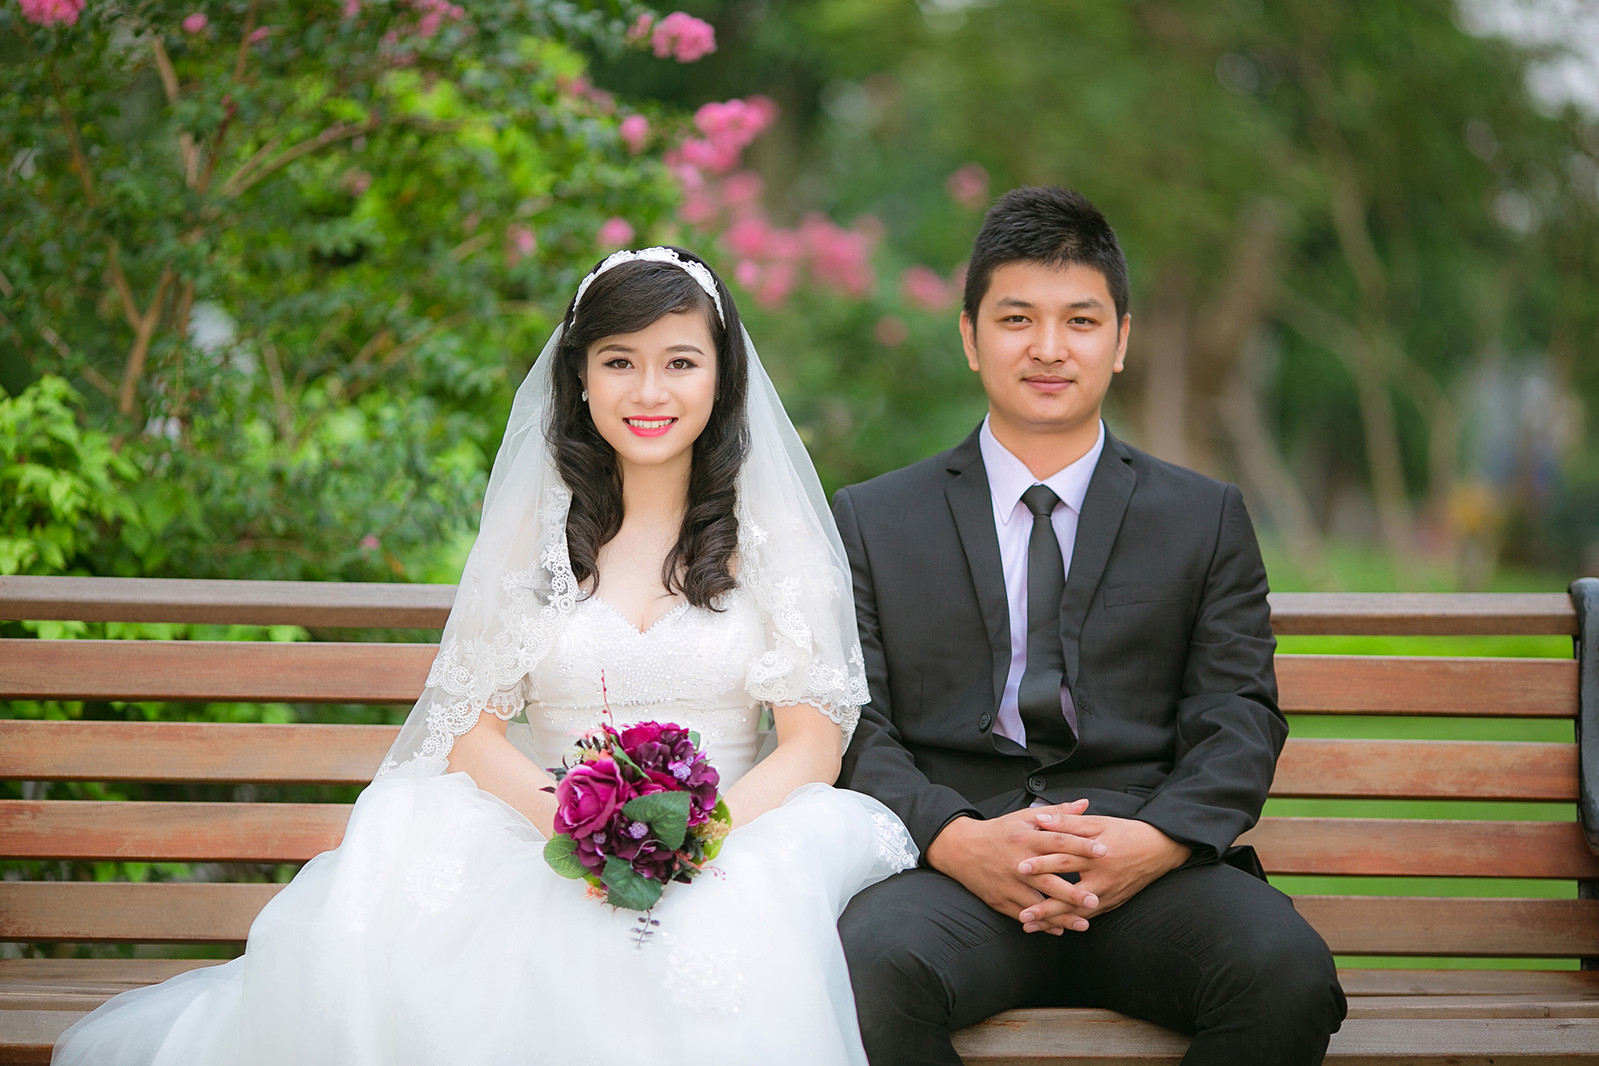 Nội Thanh Hà Nội (Trang & Thăng)